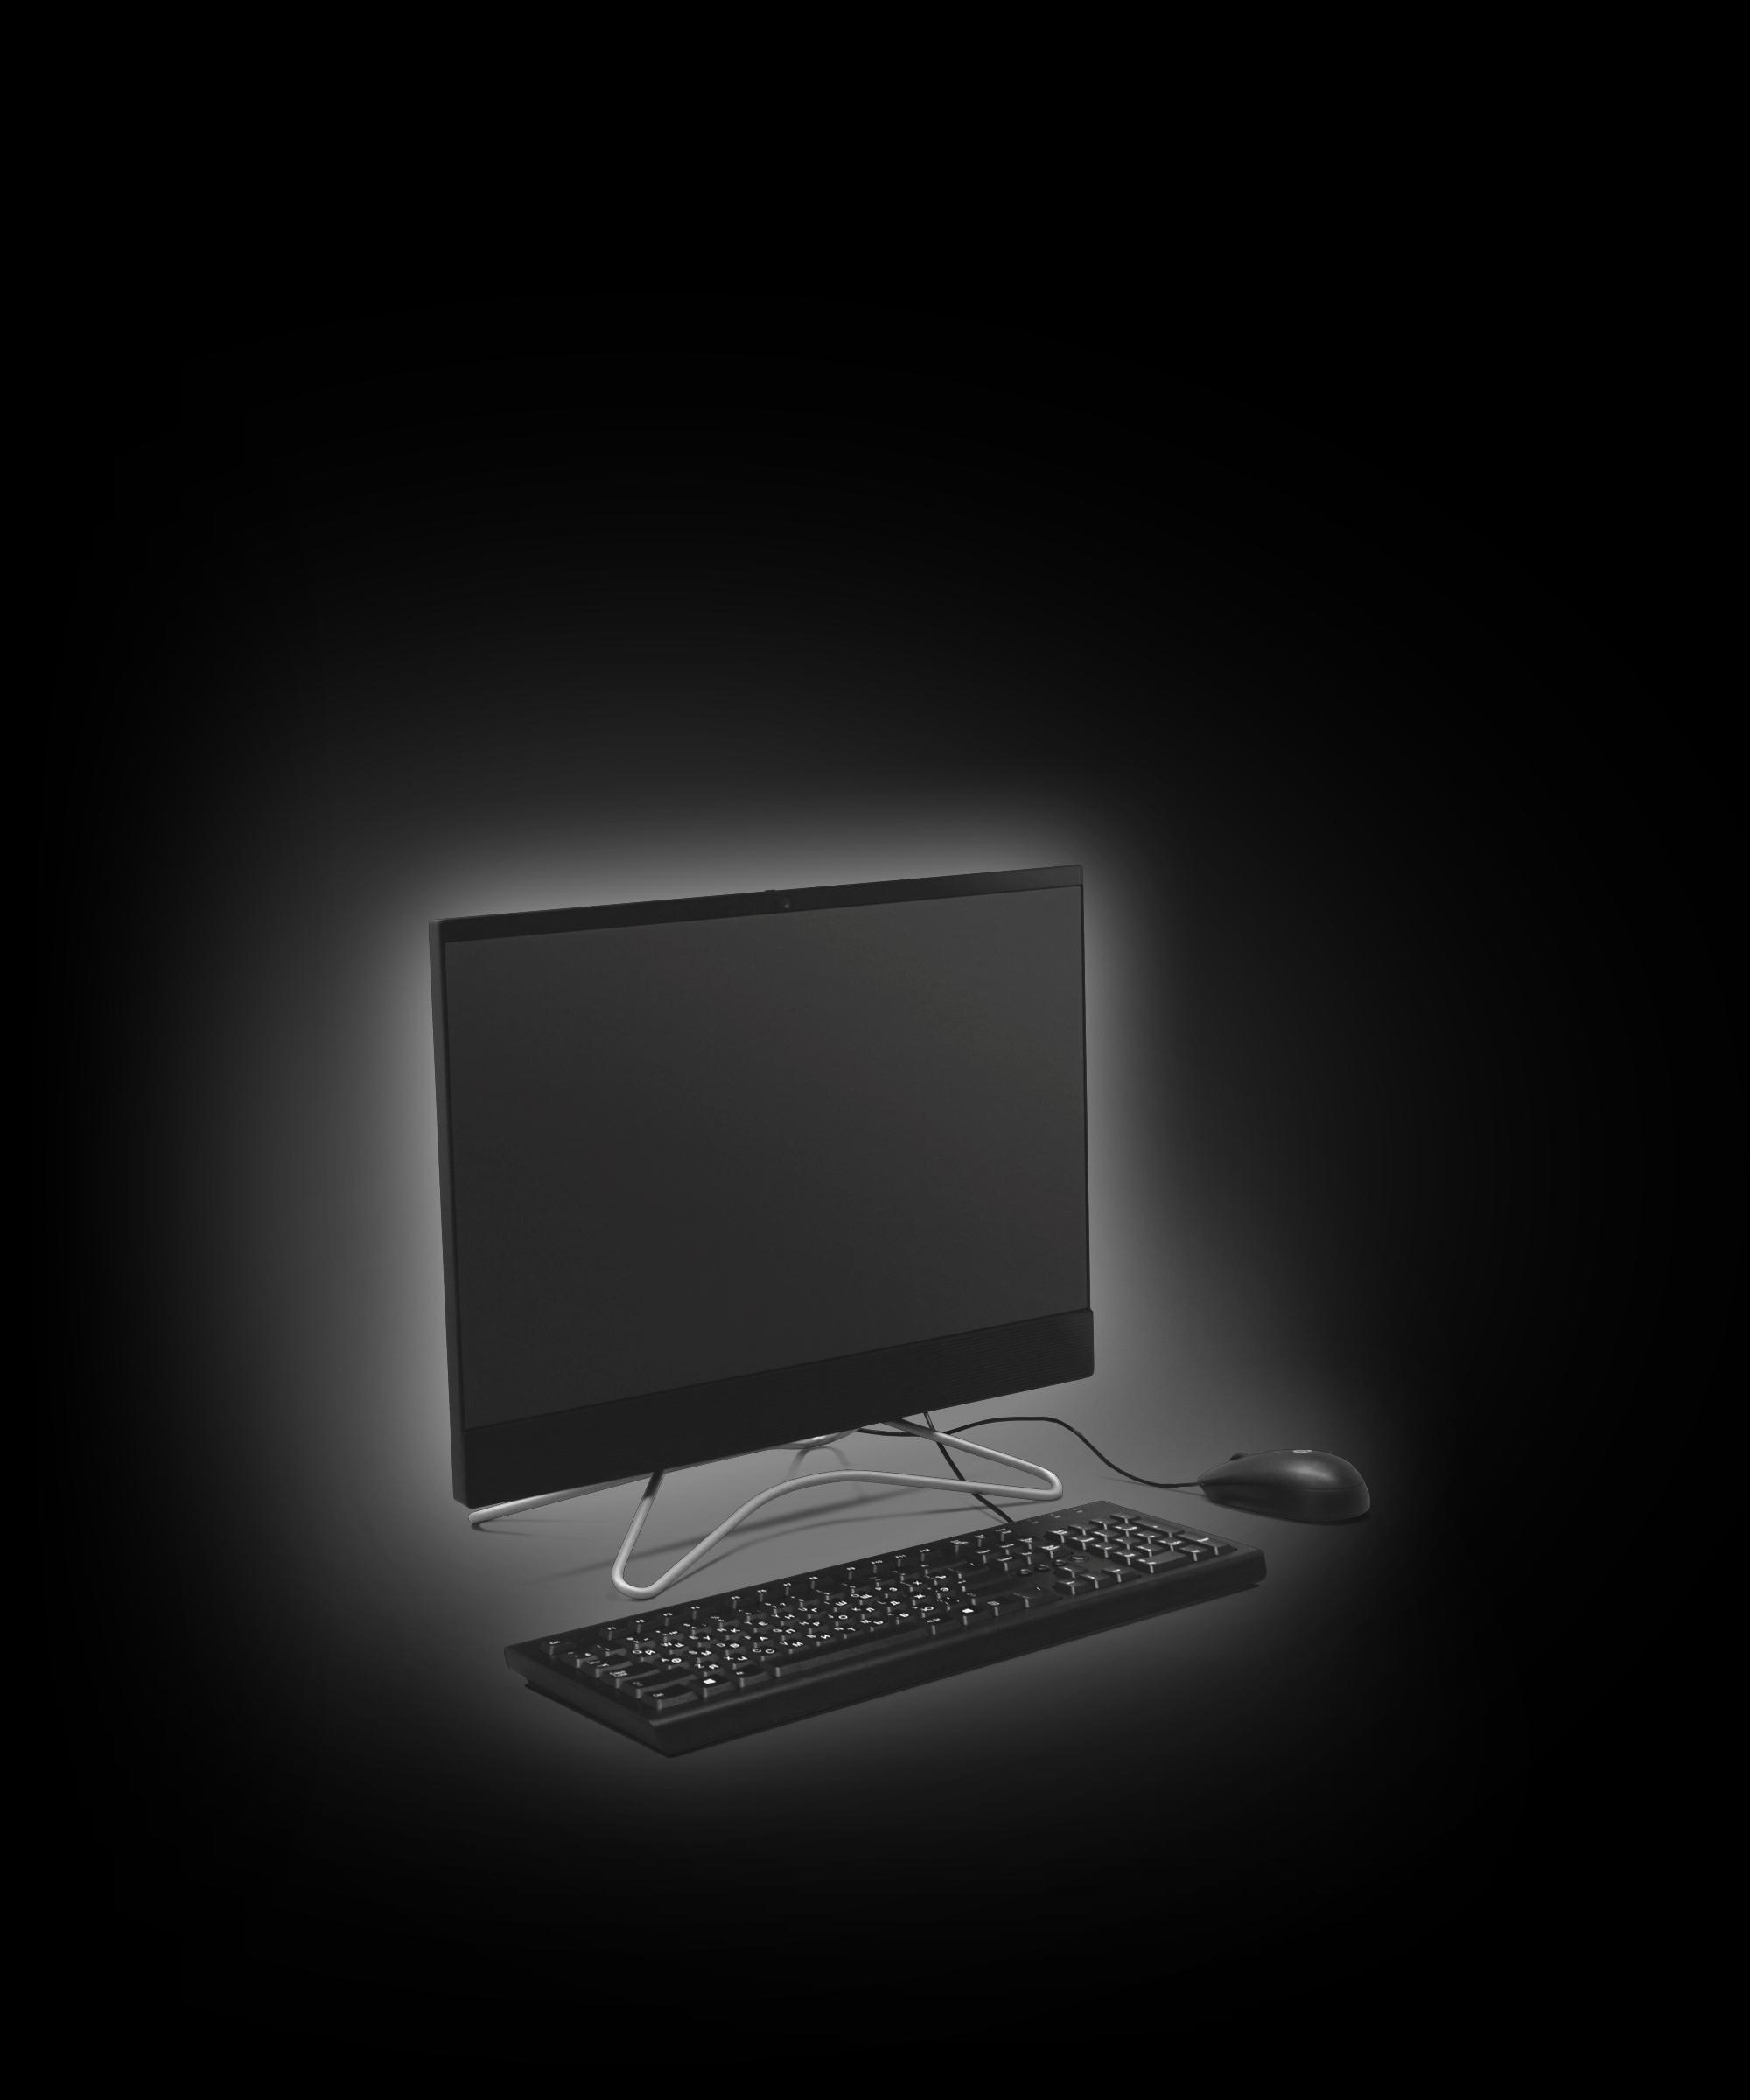 Информационная система ЛИС-40.1